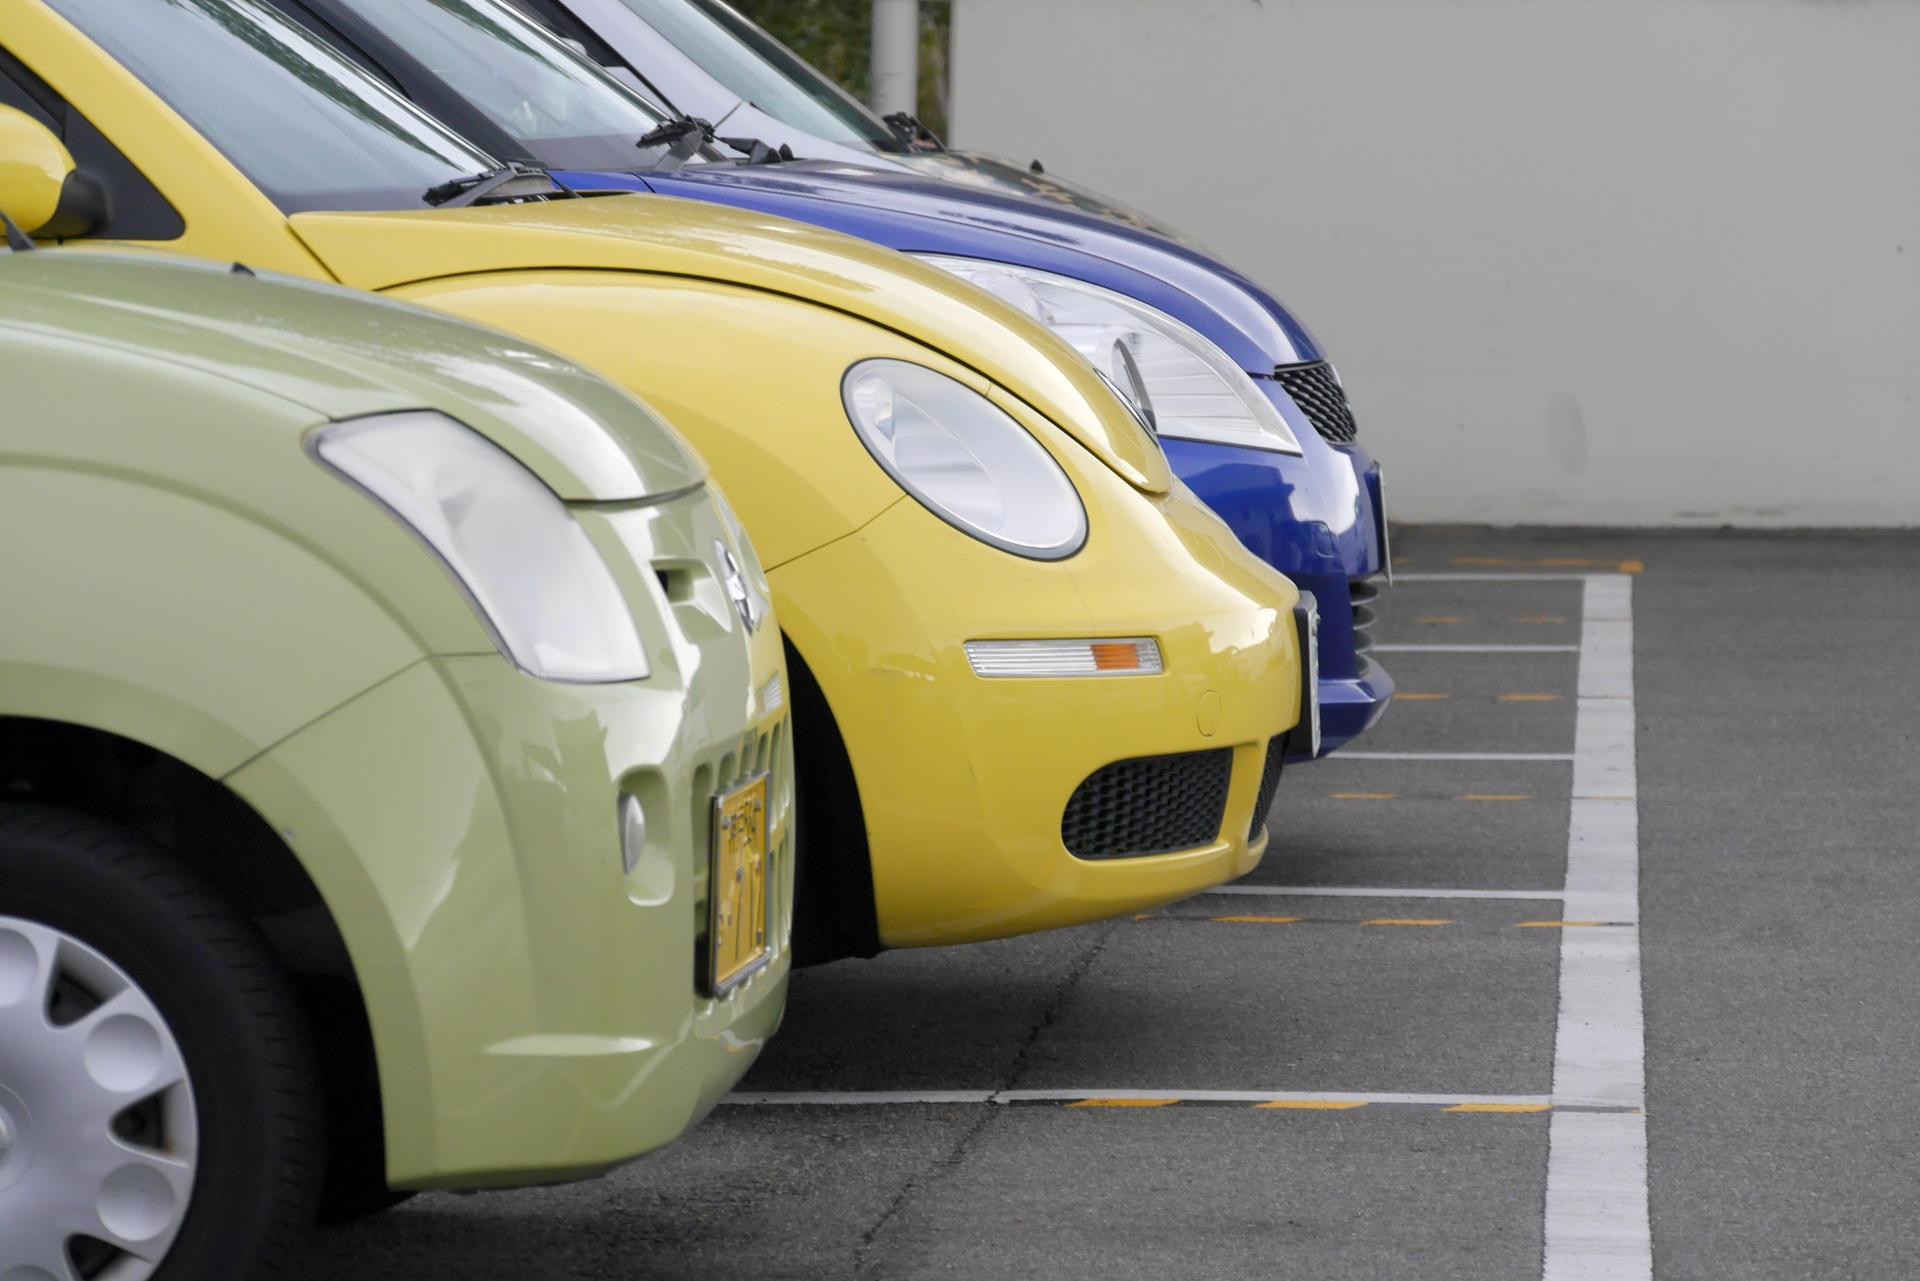 サンシャイン水族館周辺の駐車場おすすめ21選!料金・割引・混雑状況を調査